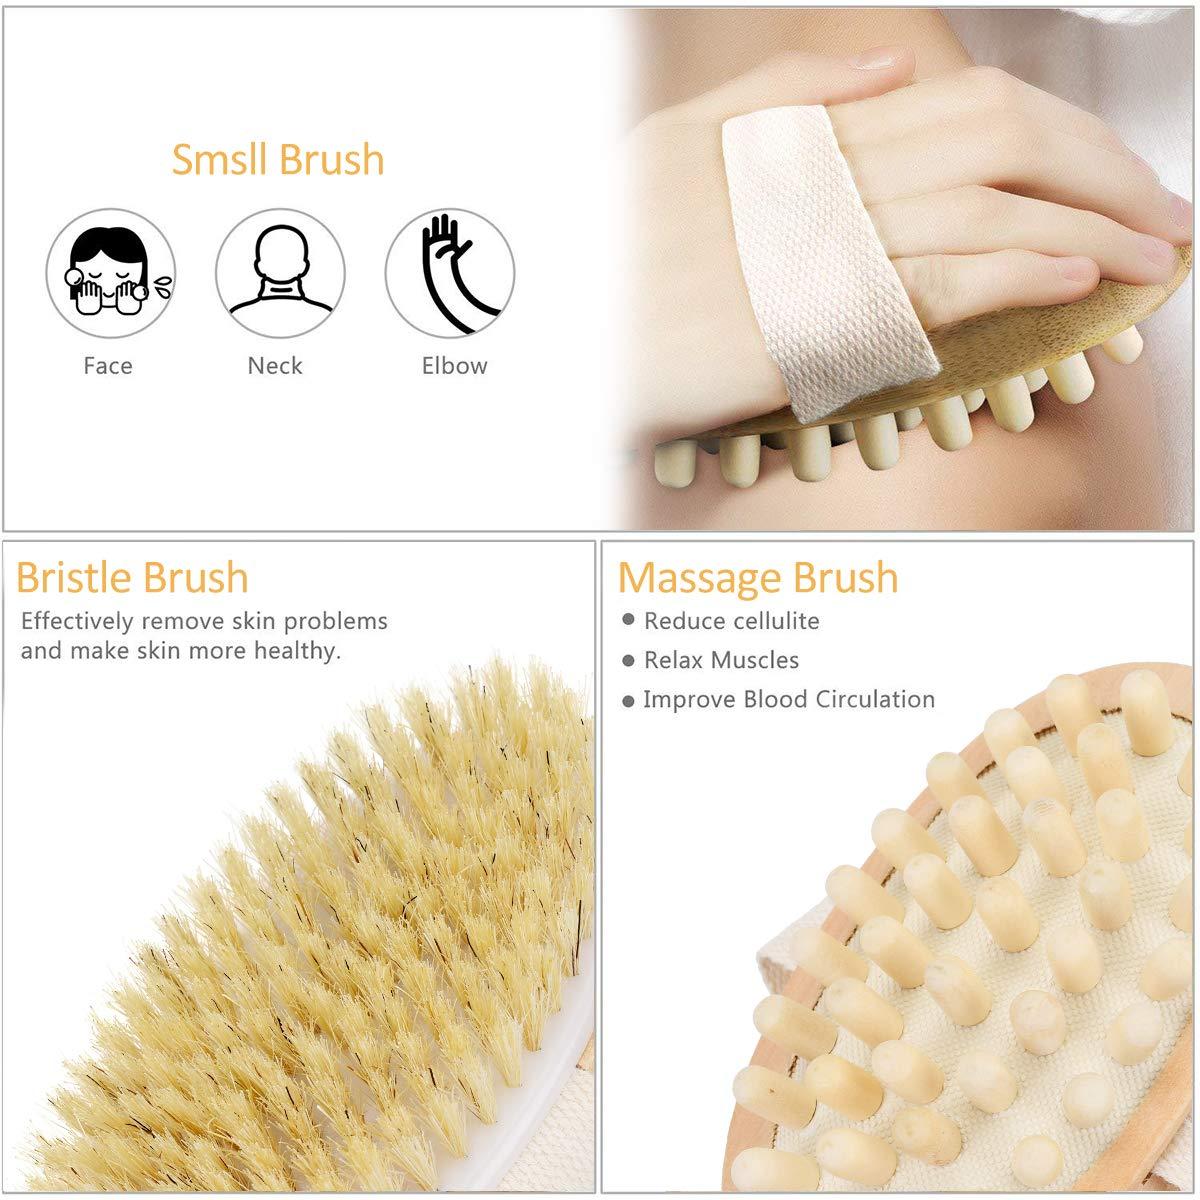 Schönheit & Gesundheit Einfach 2 In 1 Abnehmbare Langstieligen Holz Natürlichen Borsten Pinsel Bad Pinsel Massager Baby Bad Dusche Bad Zubehör Bad & Dusche